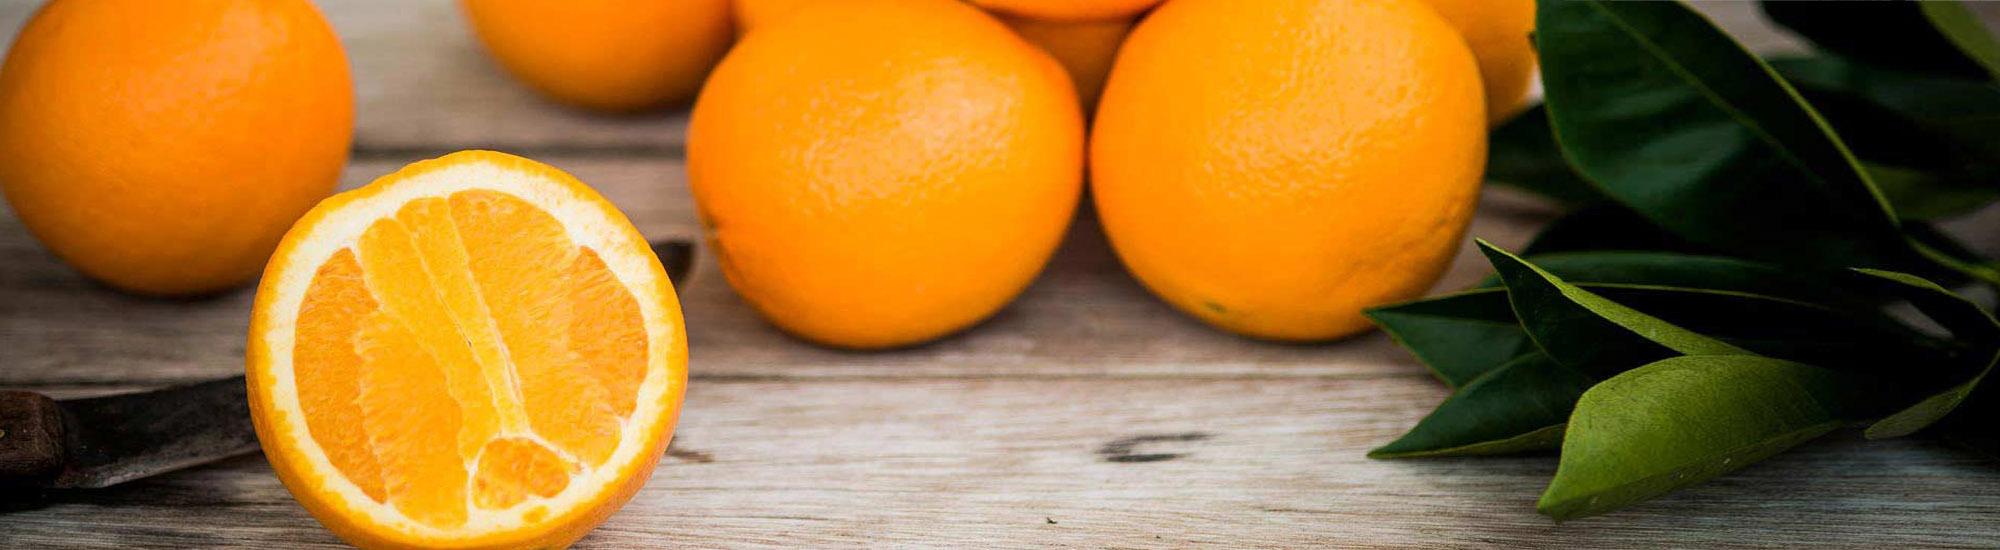 واردات و صادرات میوه